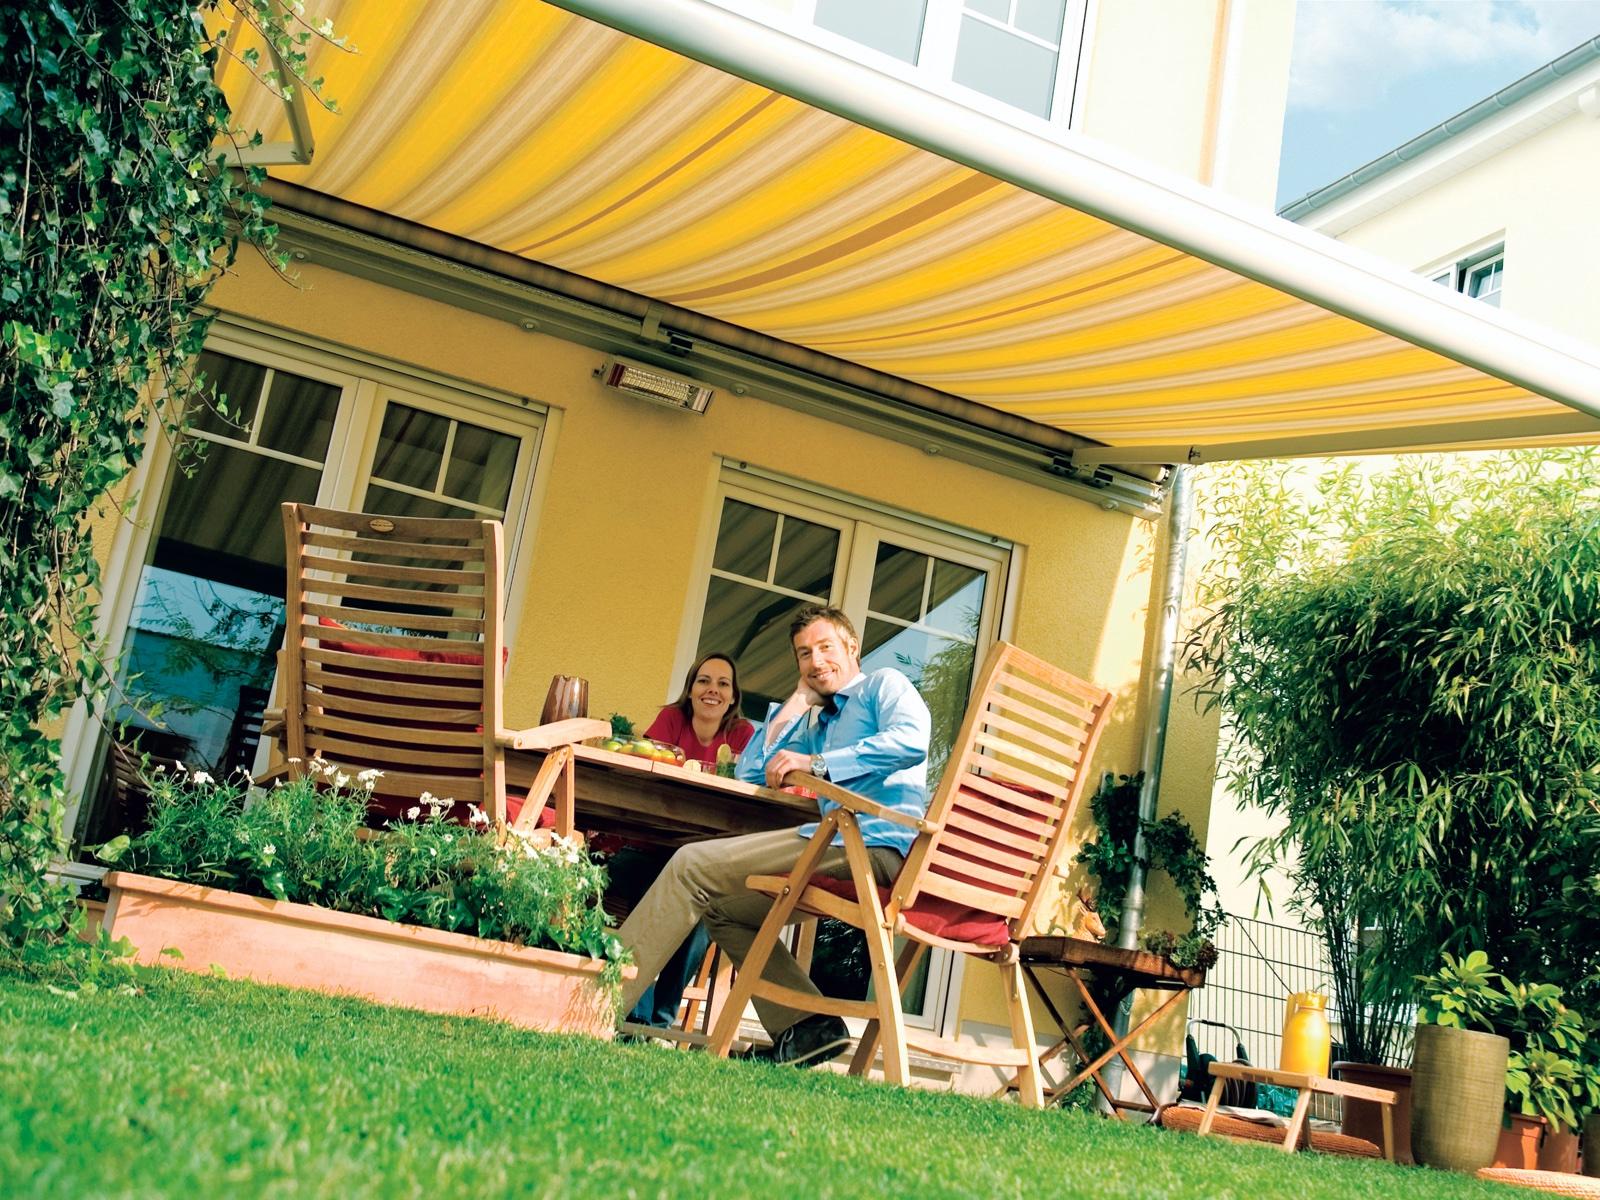 Sonnensegel Markisenstoff Sonnendach Sonnenschutz Gelenkarm 3 Farbe 3 Größe DE